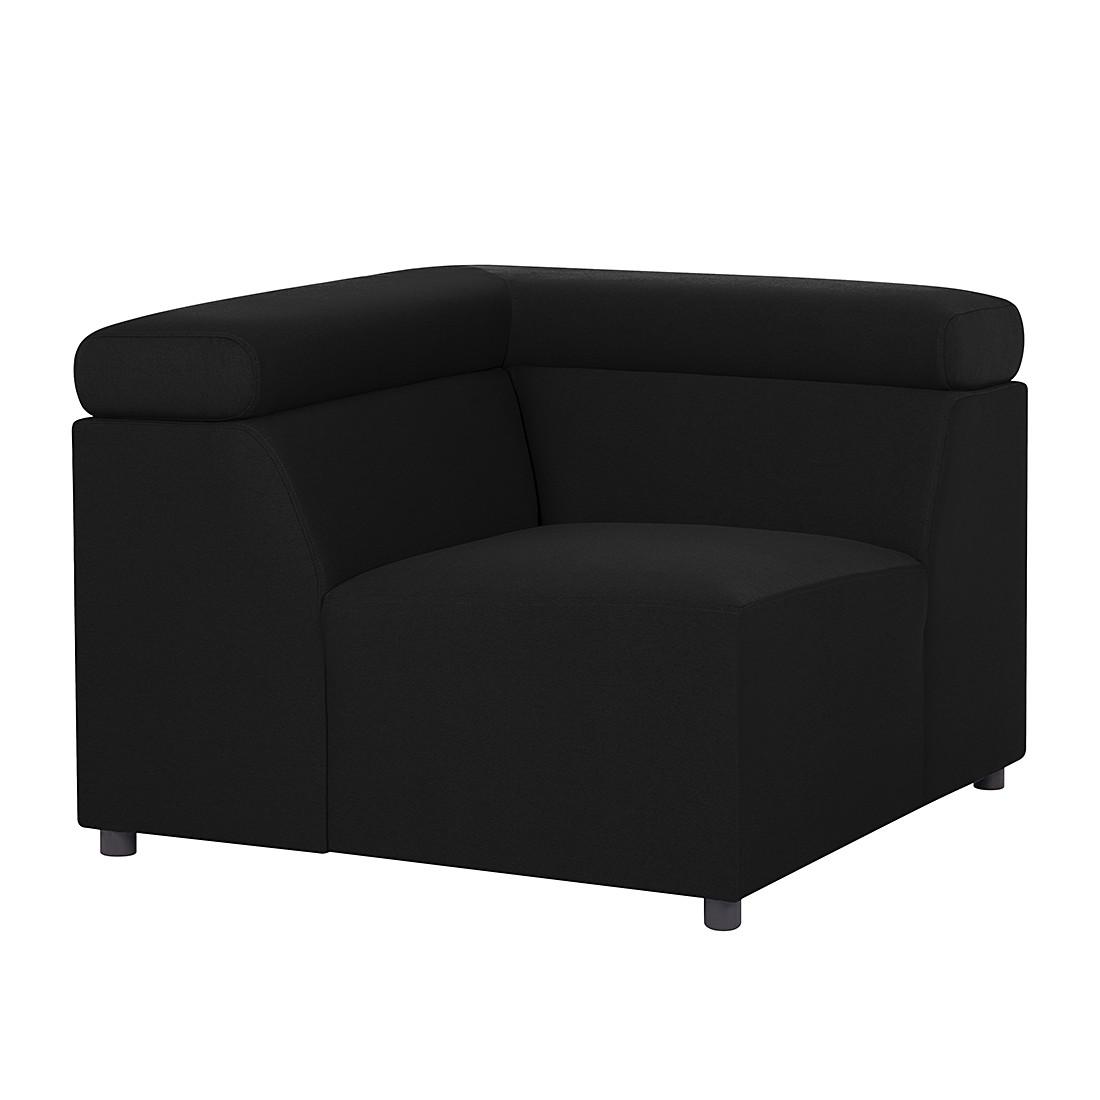 Canapé modulaire Hillier - Tissu - Noir, Fredriks